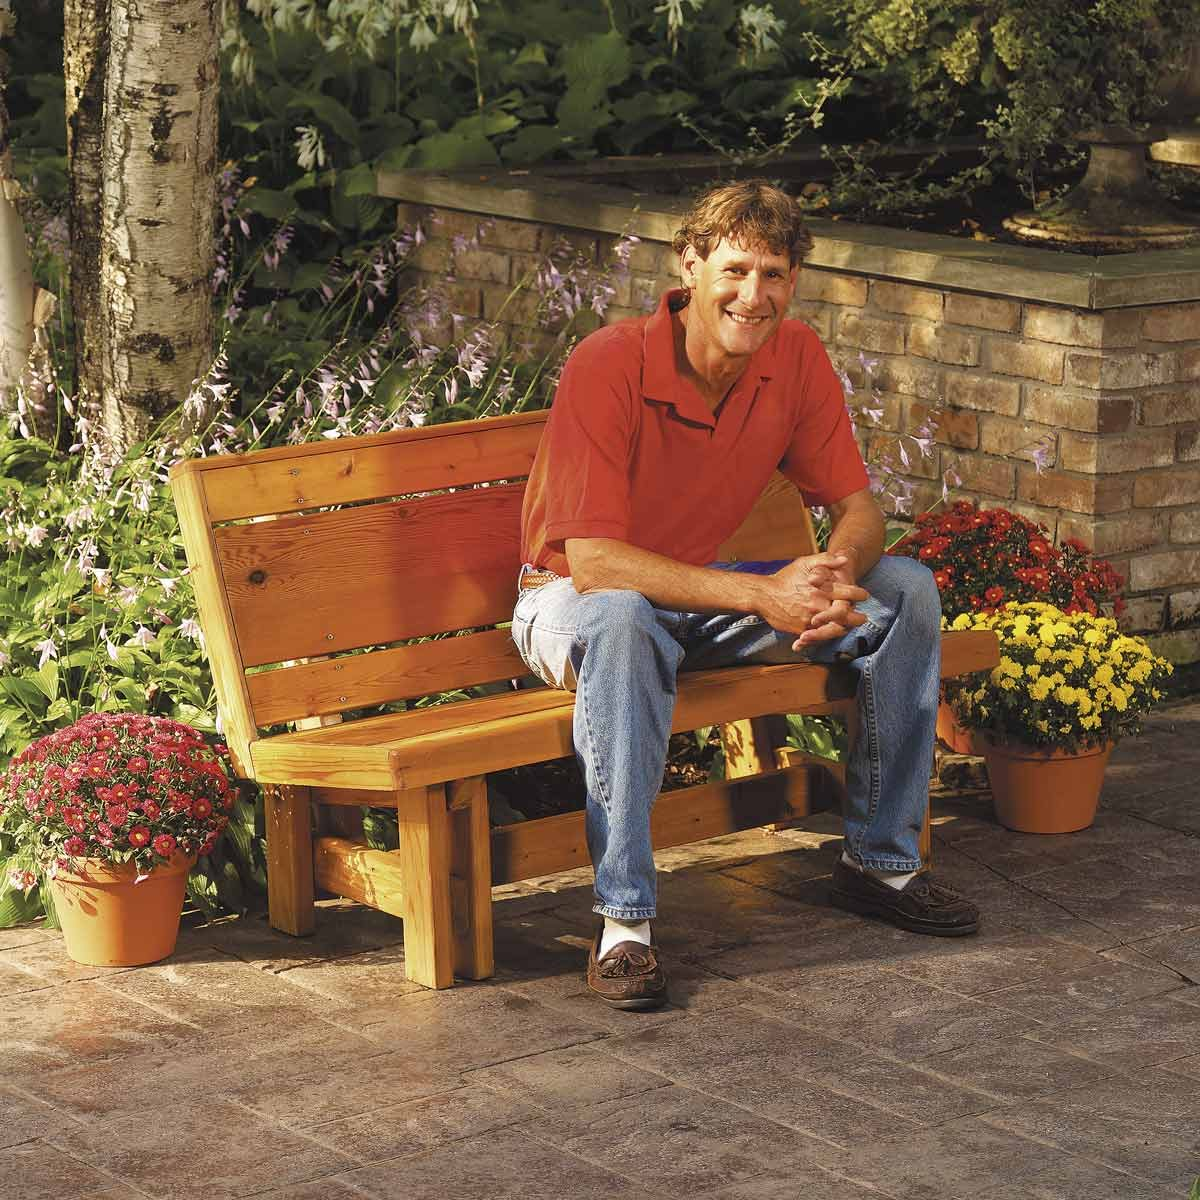 How to Build a Comfortable Outdoor Cedar Bench